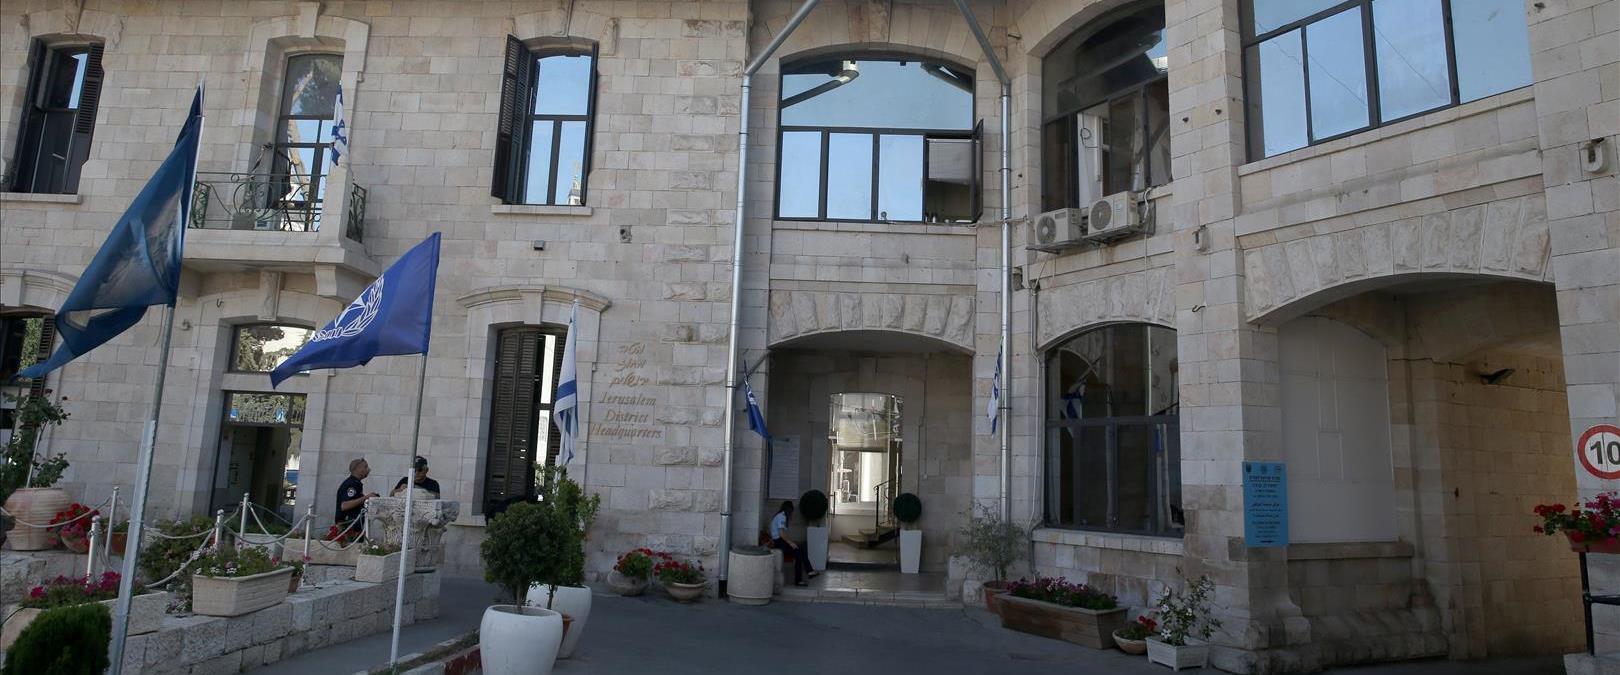 תחנת המשטרה במגרש הרוסים בירושלים